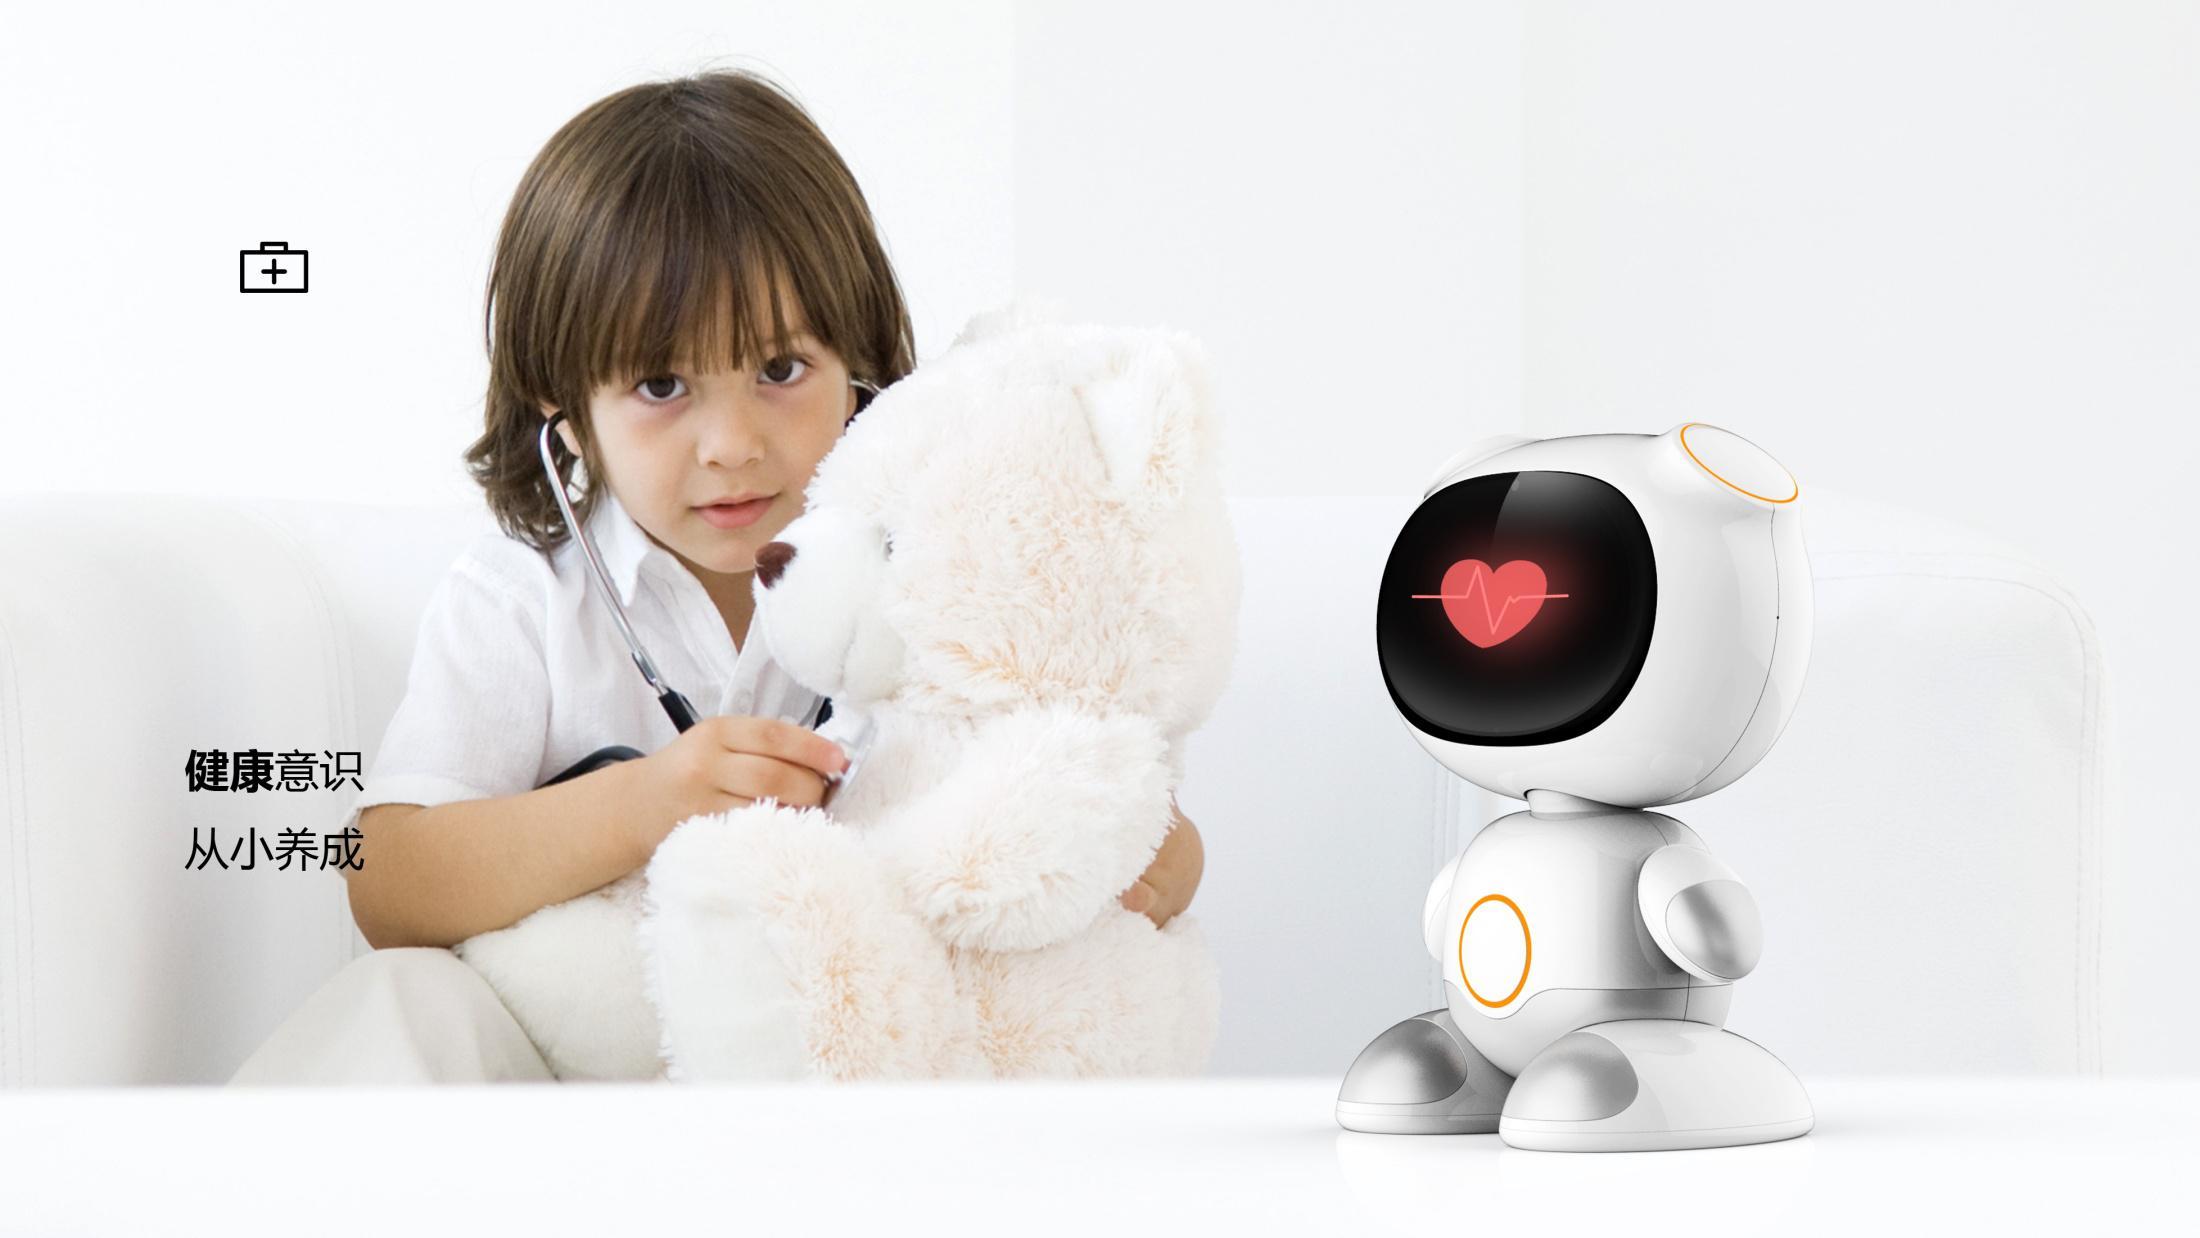 儿童早教机怎么样-广州儿童早教机加盟可靠放心